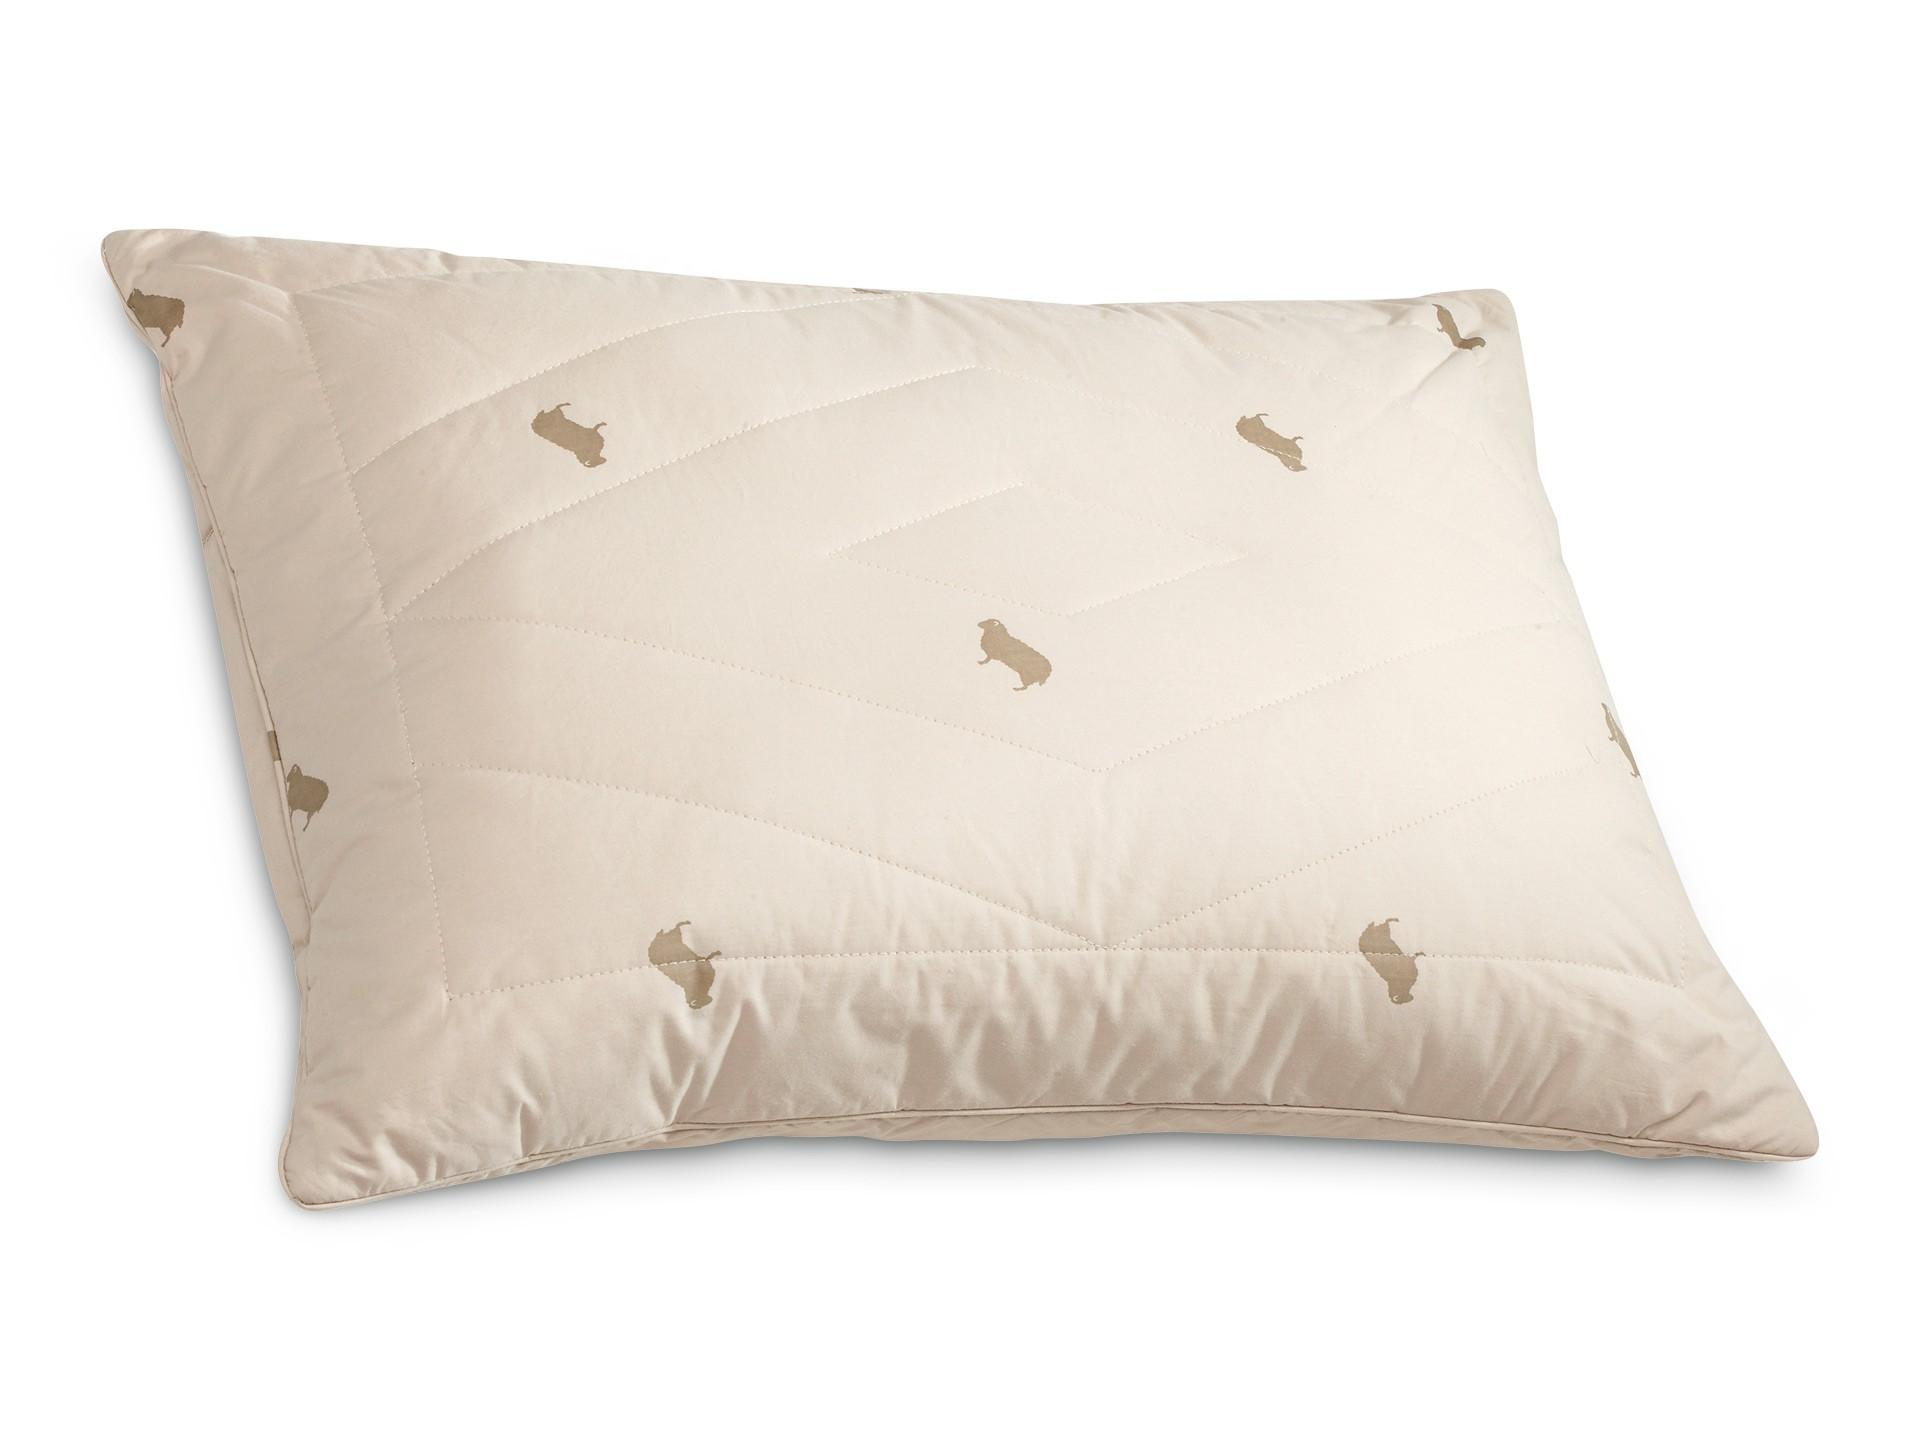 Wool Подушка класична